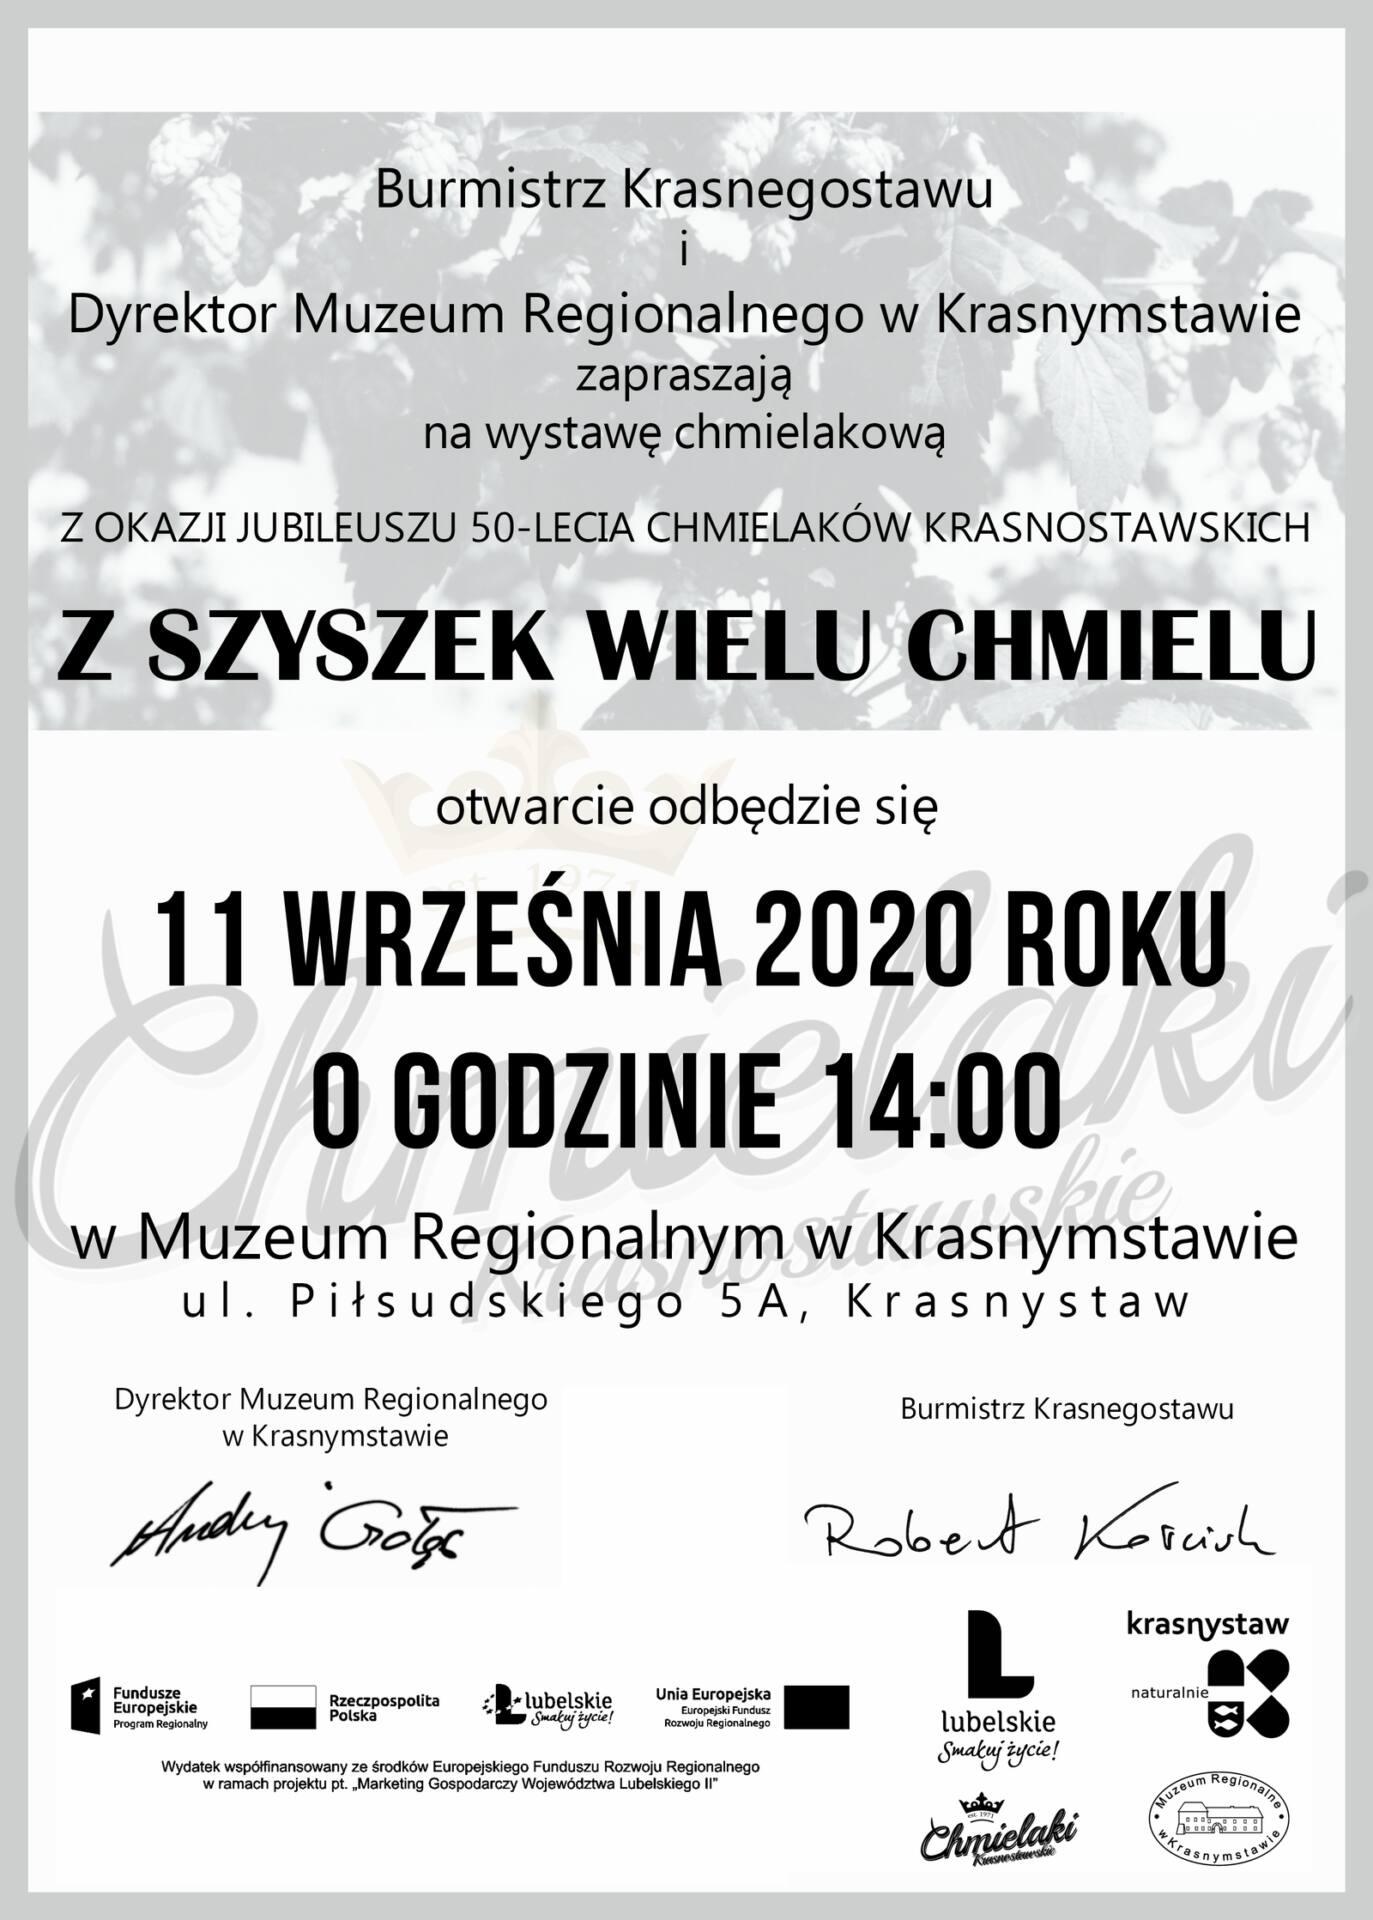 plakat 4 Wystawa Chmielakowa z okazji 50-lecia Chmielaków Krasnostawskich